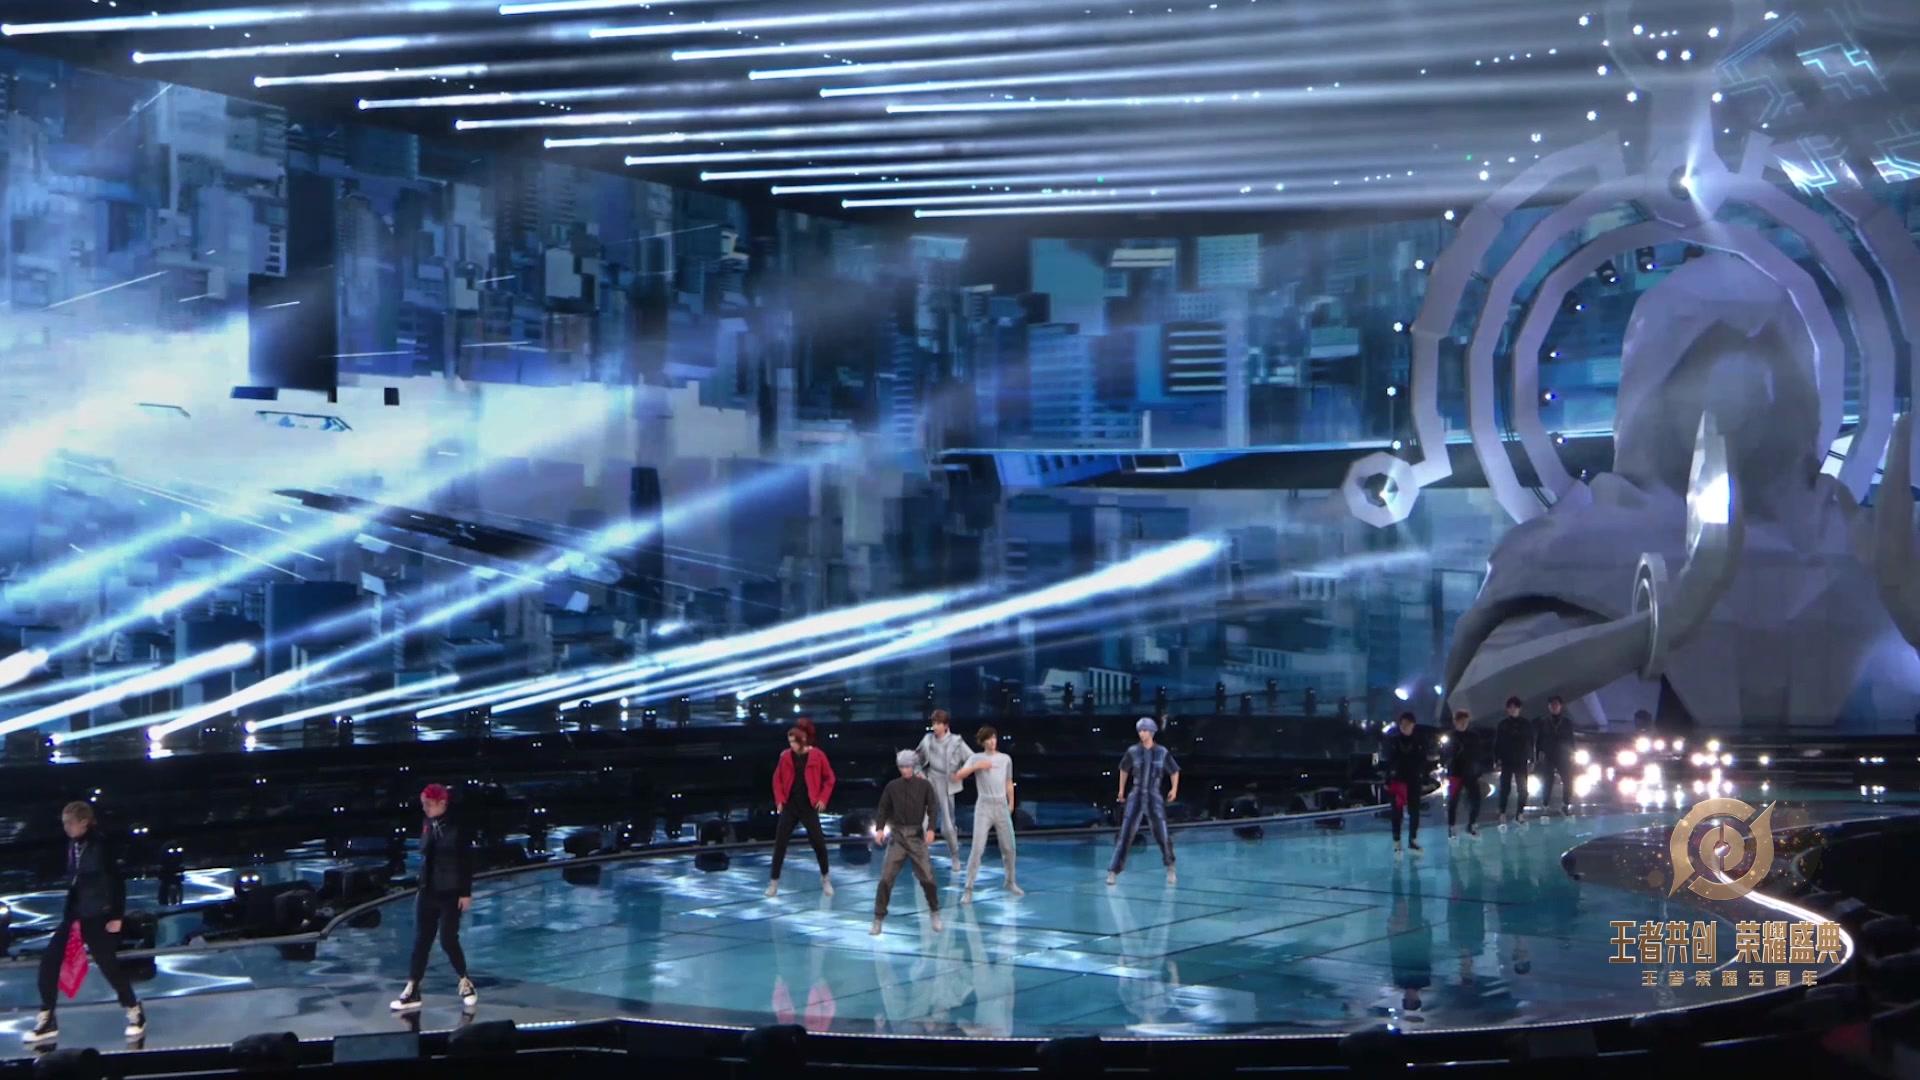 宋茜X无限王者团破次元合作舞台炸裂来袭